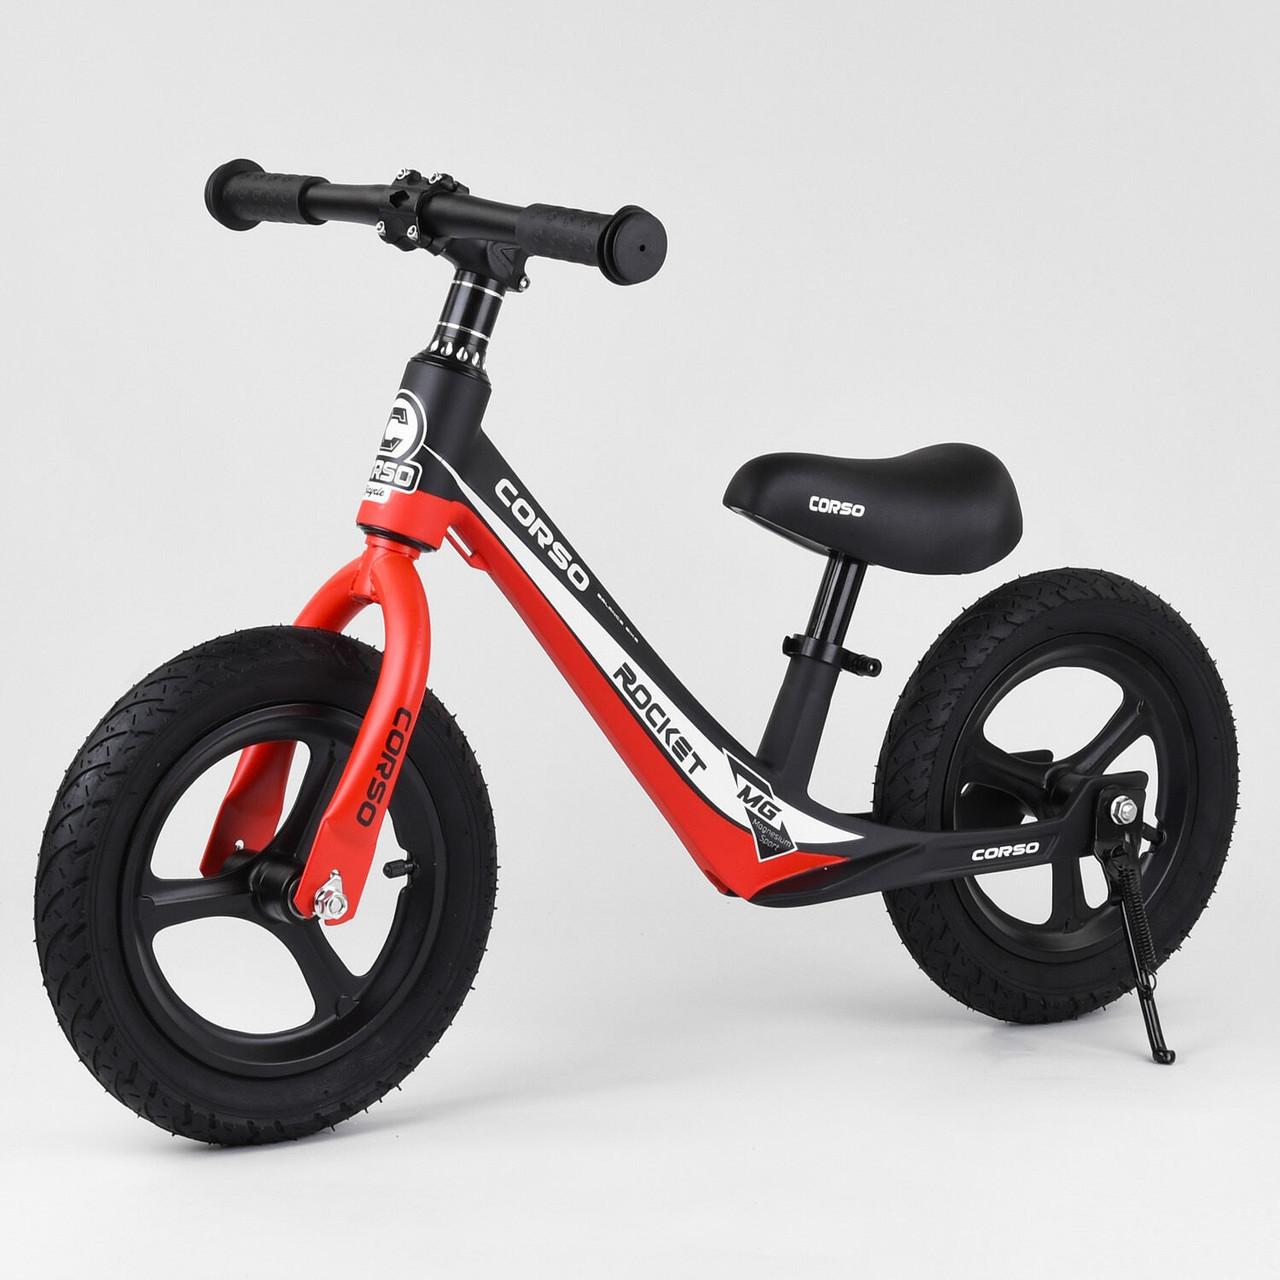 Велобег Corso 67689 с регулировкой по высоте, подножкой, для детей весом до 35 кг, красный